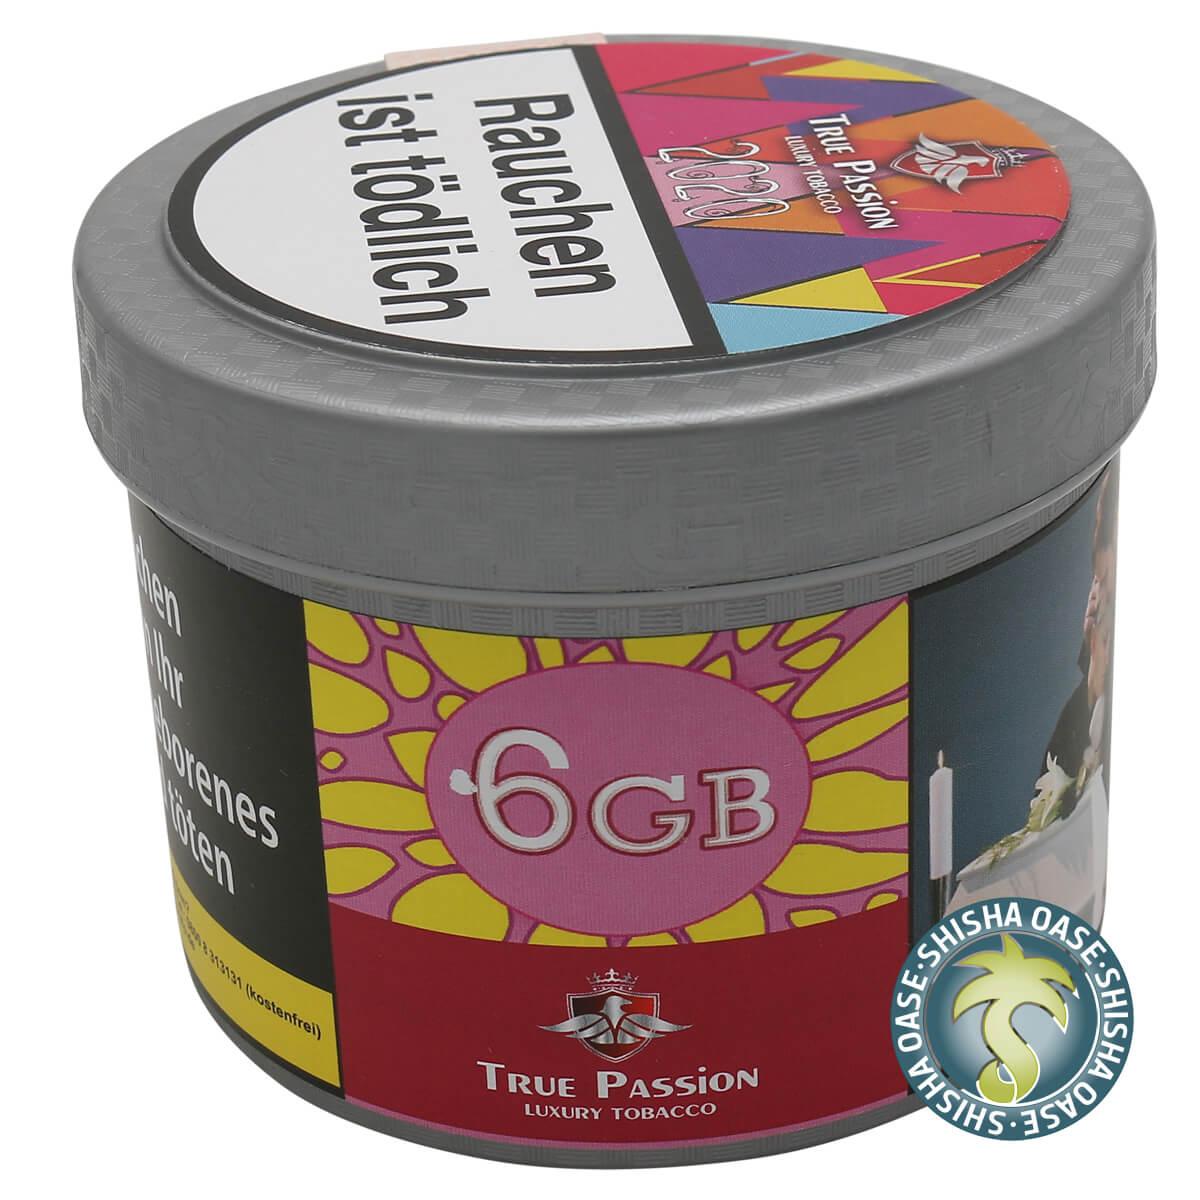 True Passion Tabak 200g Dose | 6GB